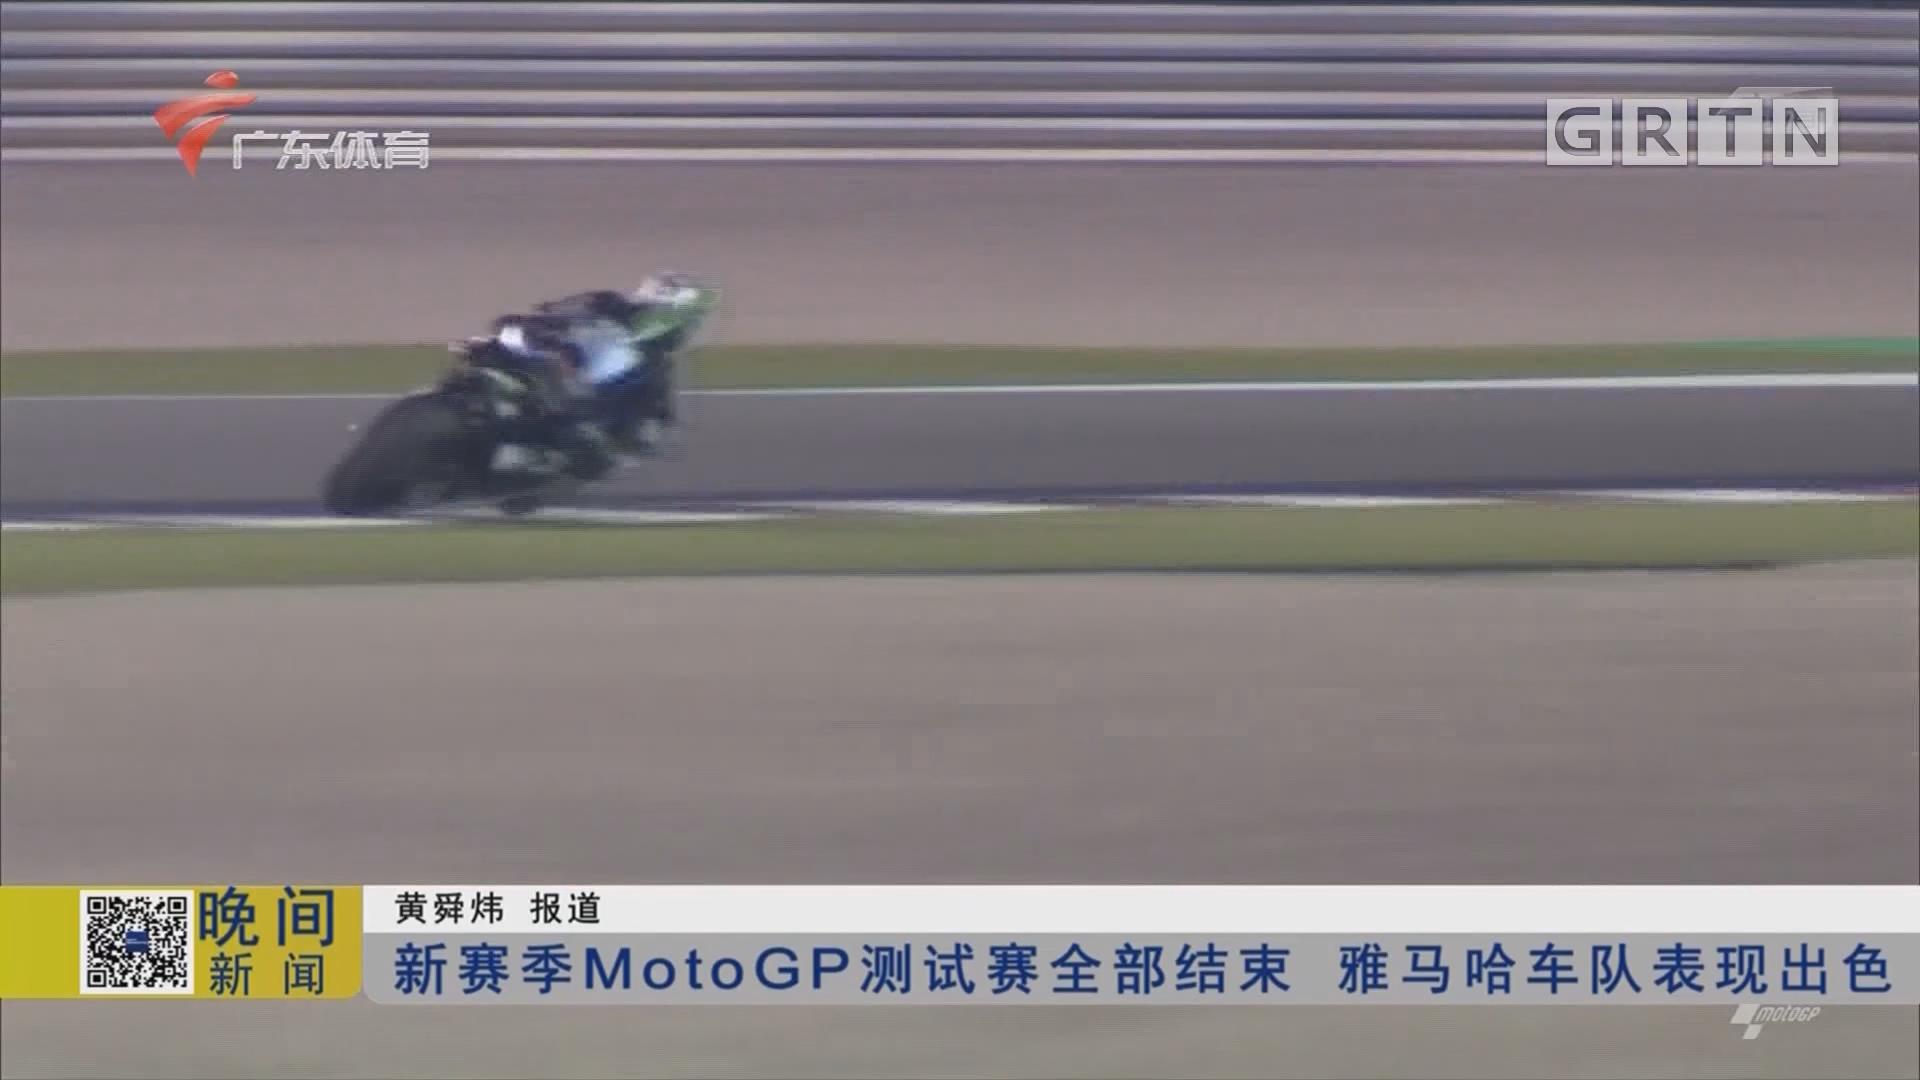 新赛季MotoGP测试赛全部结束 雅马哈车队表现出色